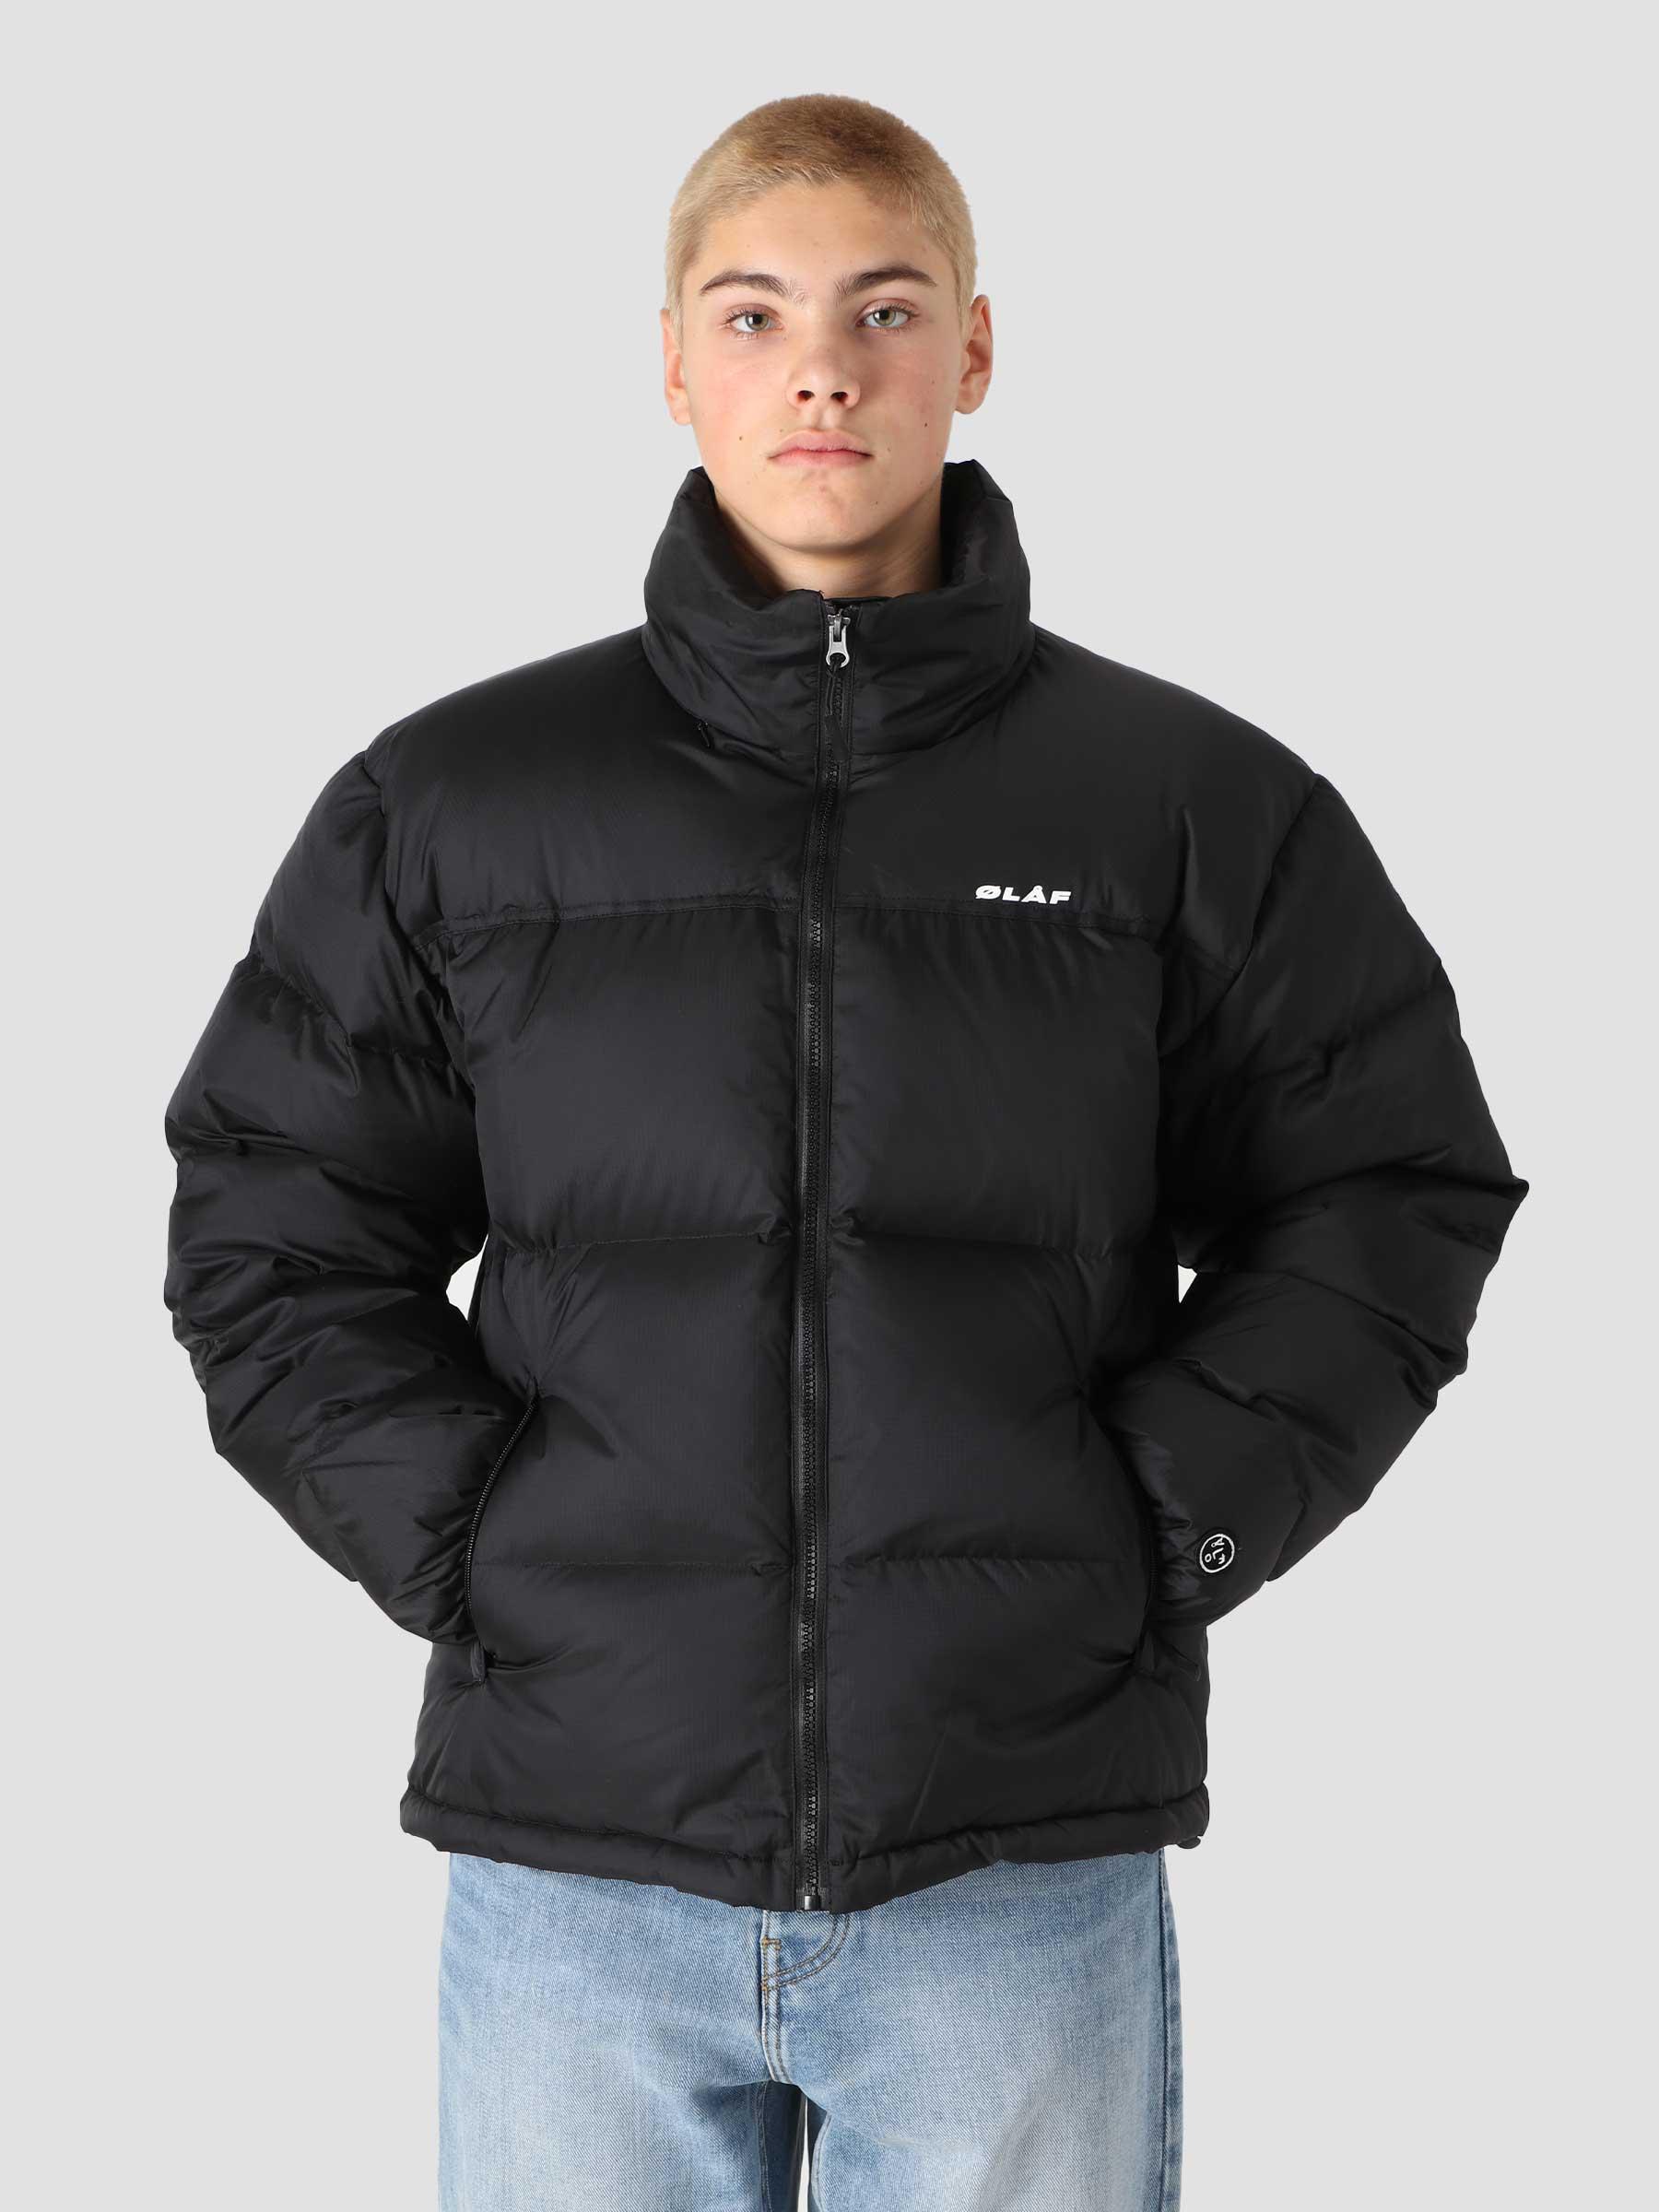 OLAF Puffer Jacket Black